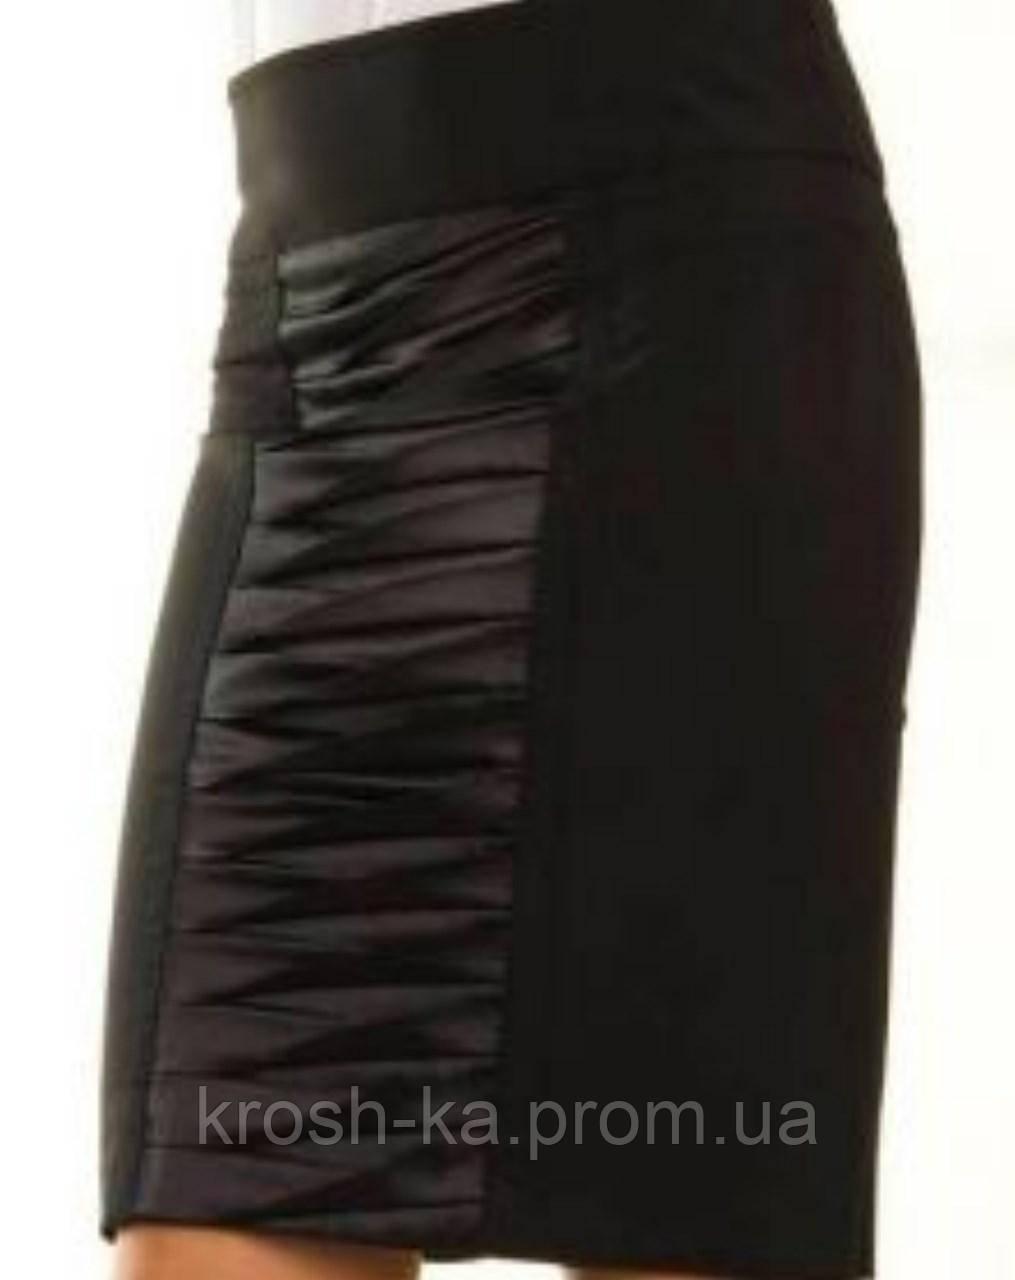 Юбка женская на молнии с драпировкой чёрная(38)р Nysense Франция 97760